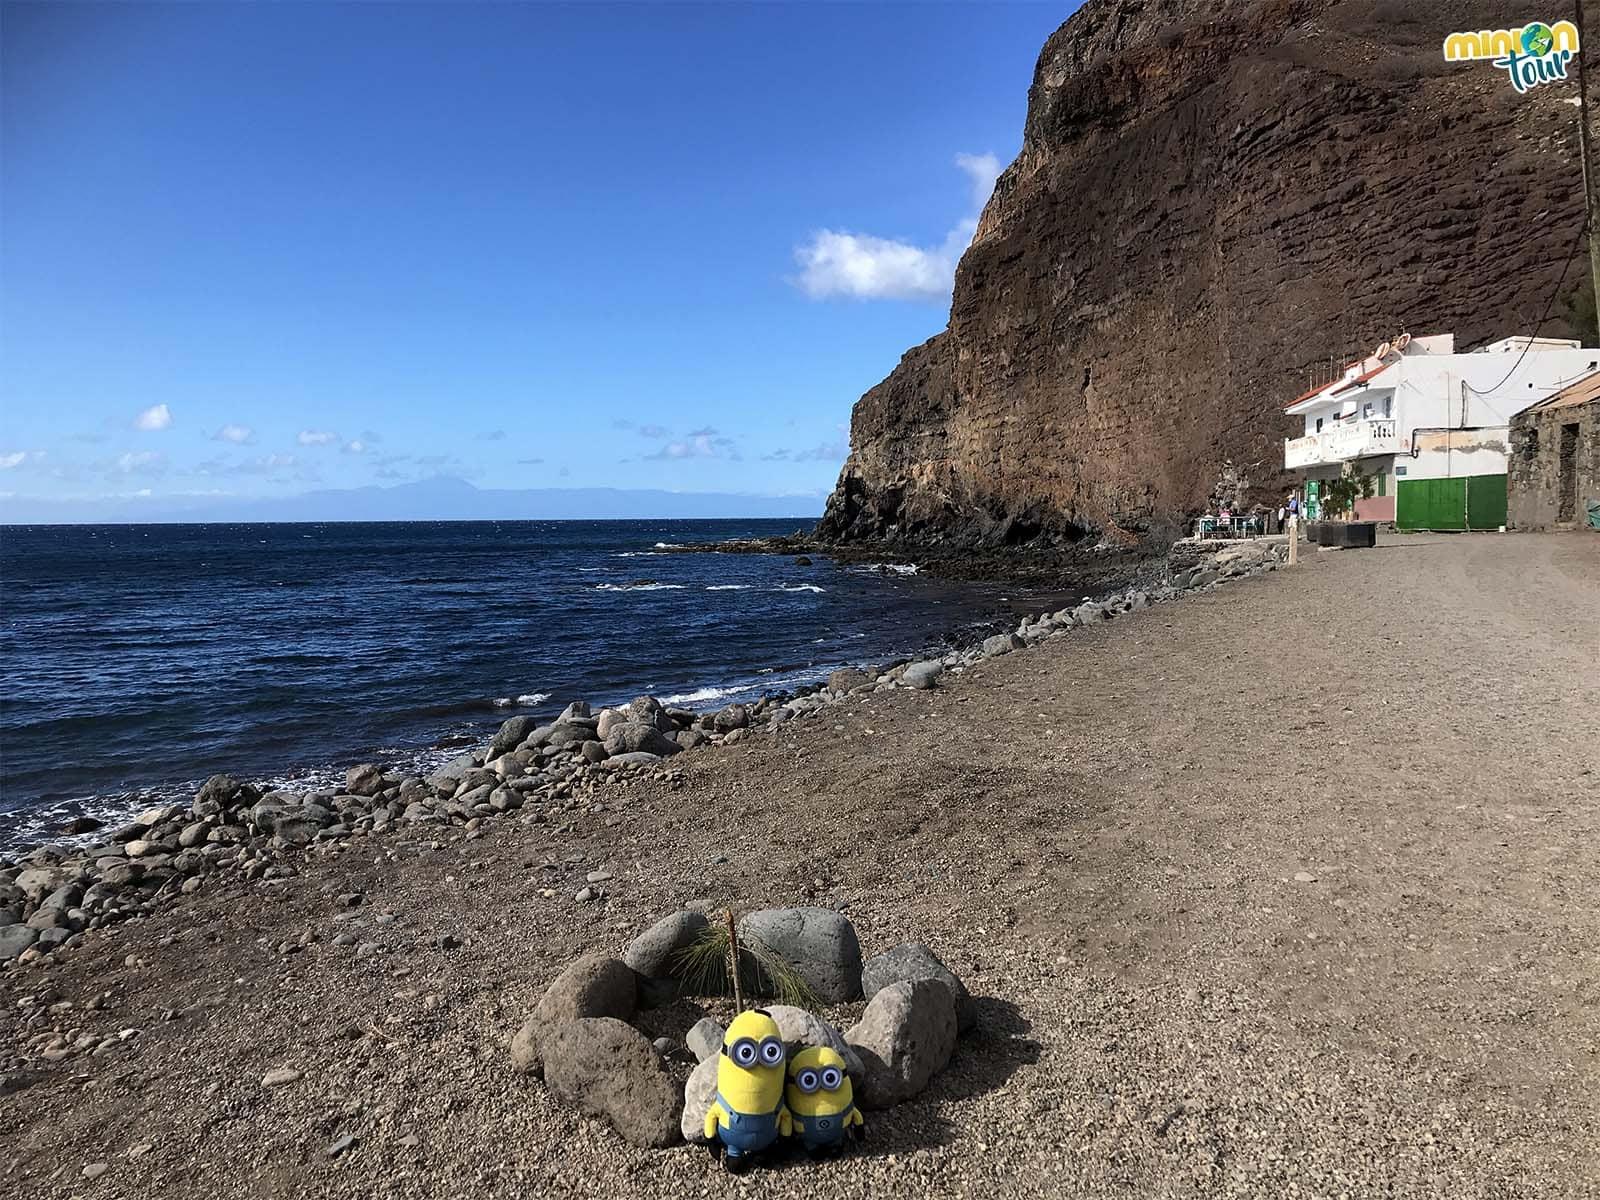 Playa de Tasarte